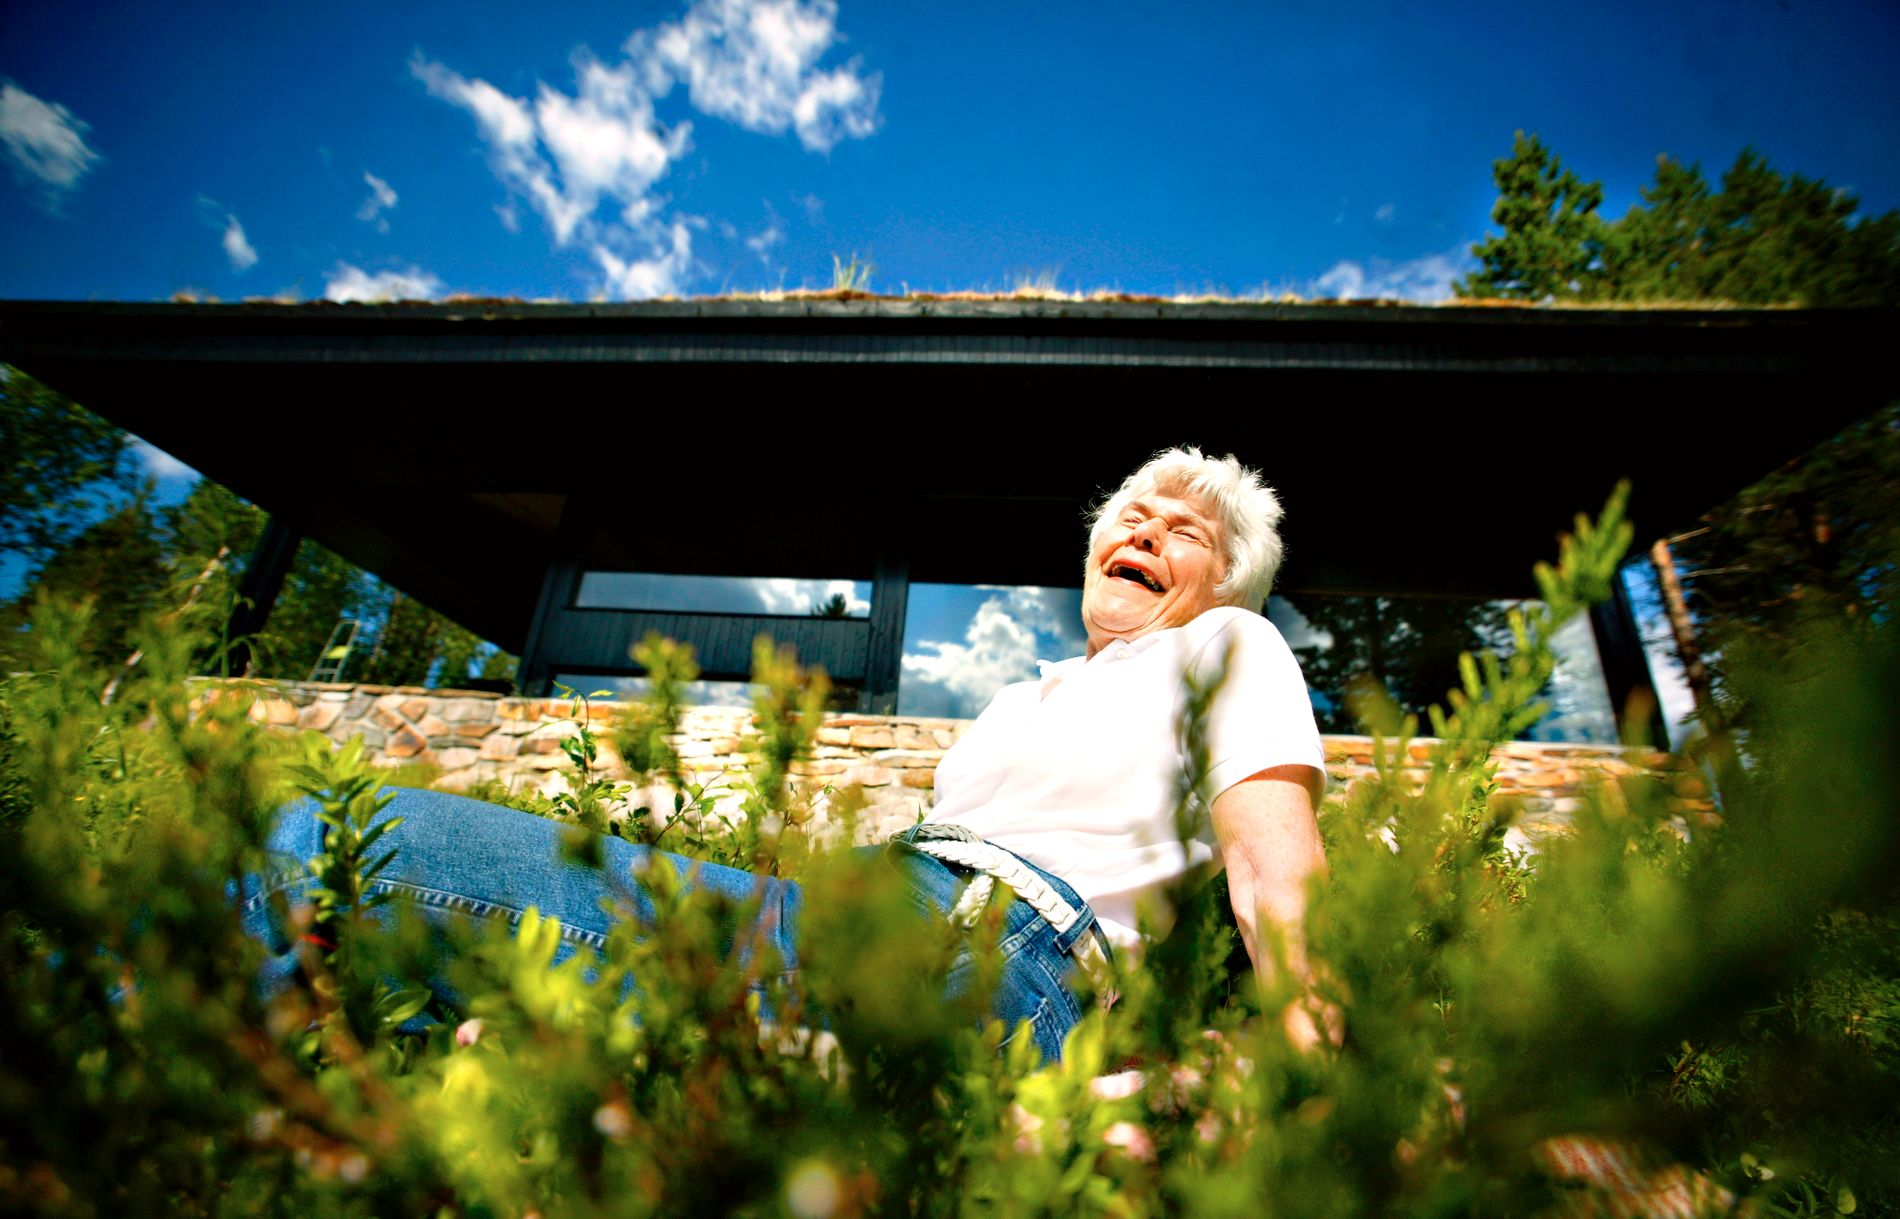 2005: Ingrid Espelid Hovig på sin prisbelønte hytte, tegnet av hennes mann Jan Inge Hovig, som ble nominert til århundrets byggverk i Norge.